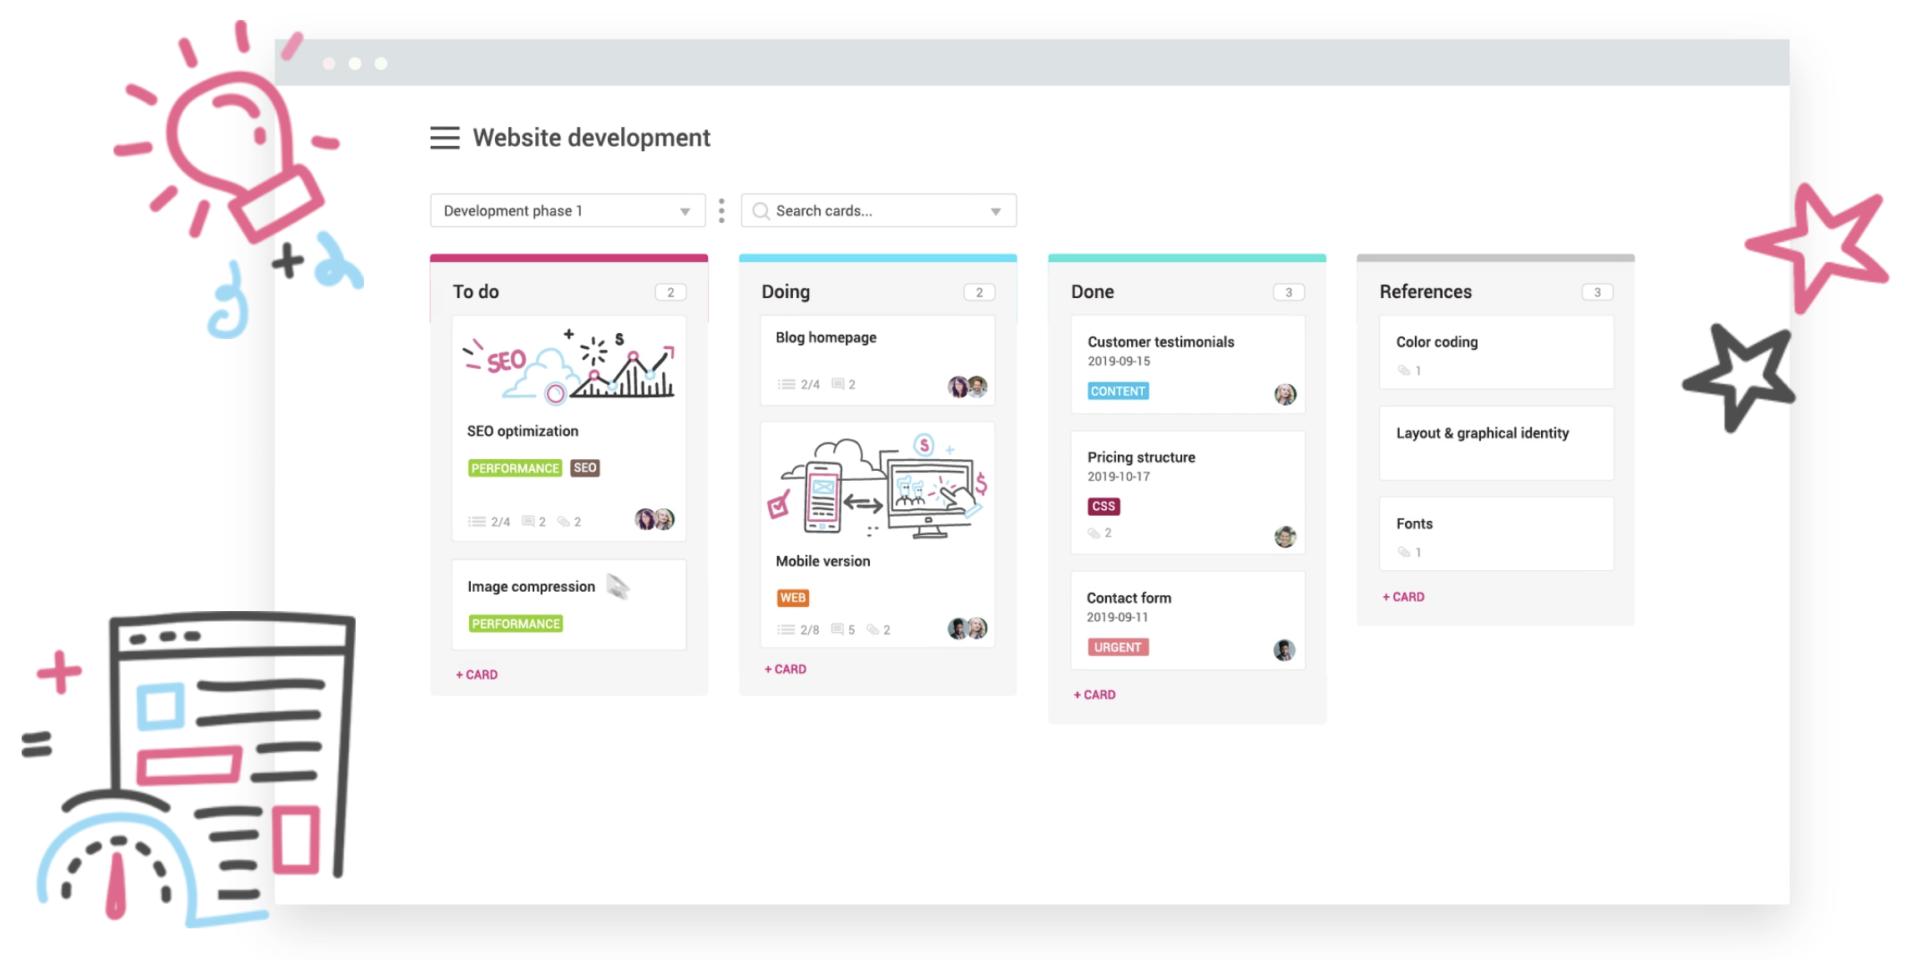 Mit dem kostenlosen Projektmanagement-Tool Nutcache lassen sich auch